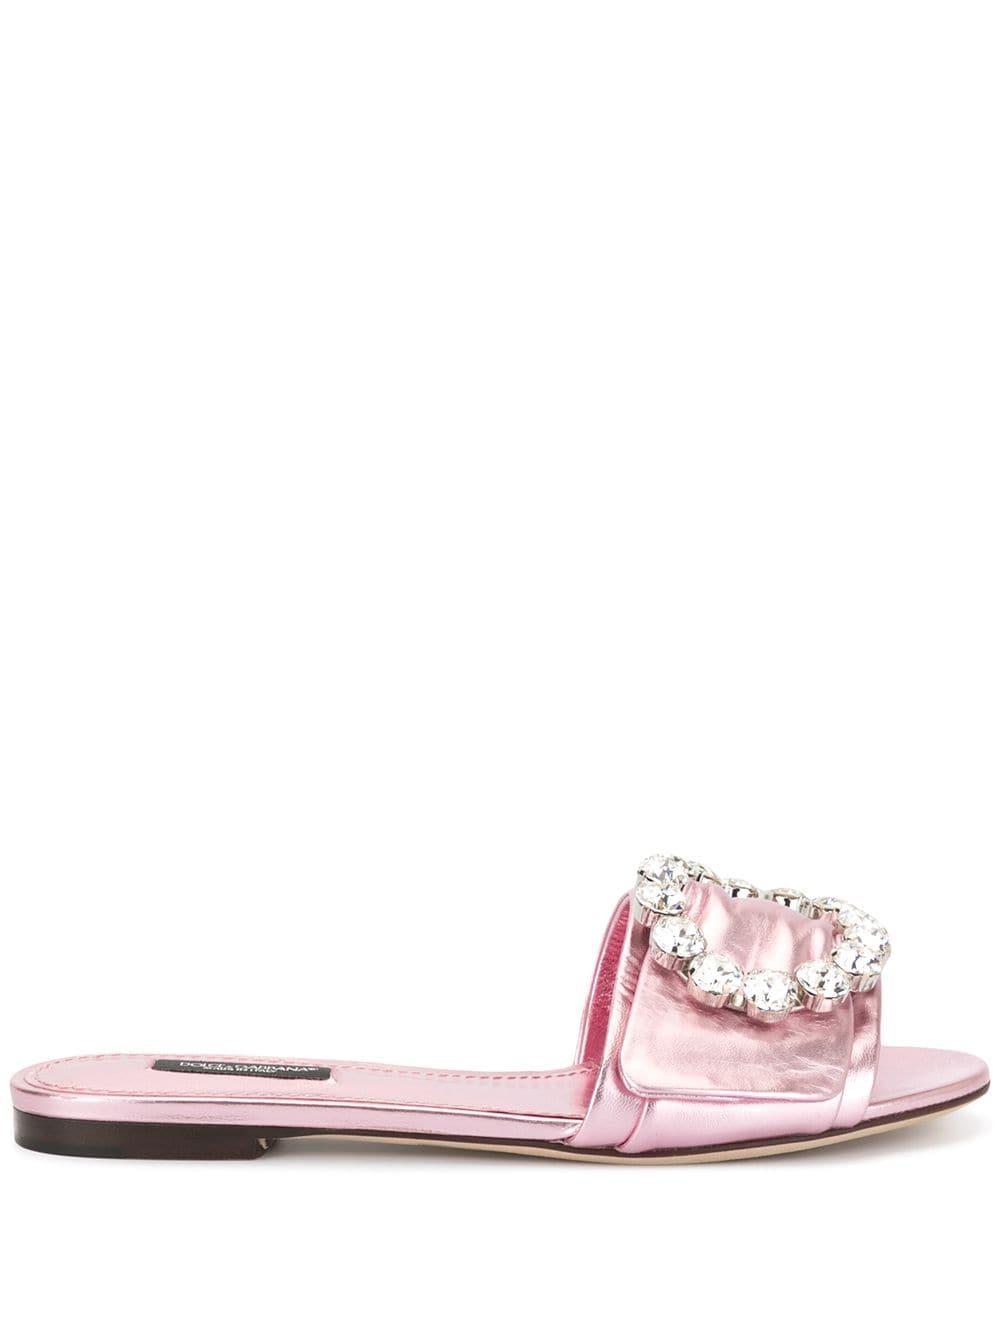 sandalo a ciabatta in rosa lucido con applicazione di cristalli swarovski sulla fascia frontale DOLCE & GABBANA | Scarpa | CQ0291-A10168H463